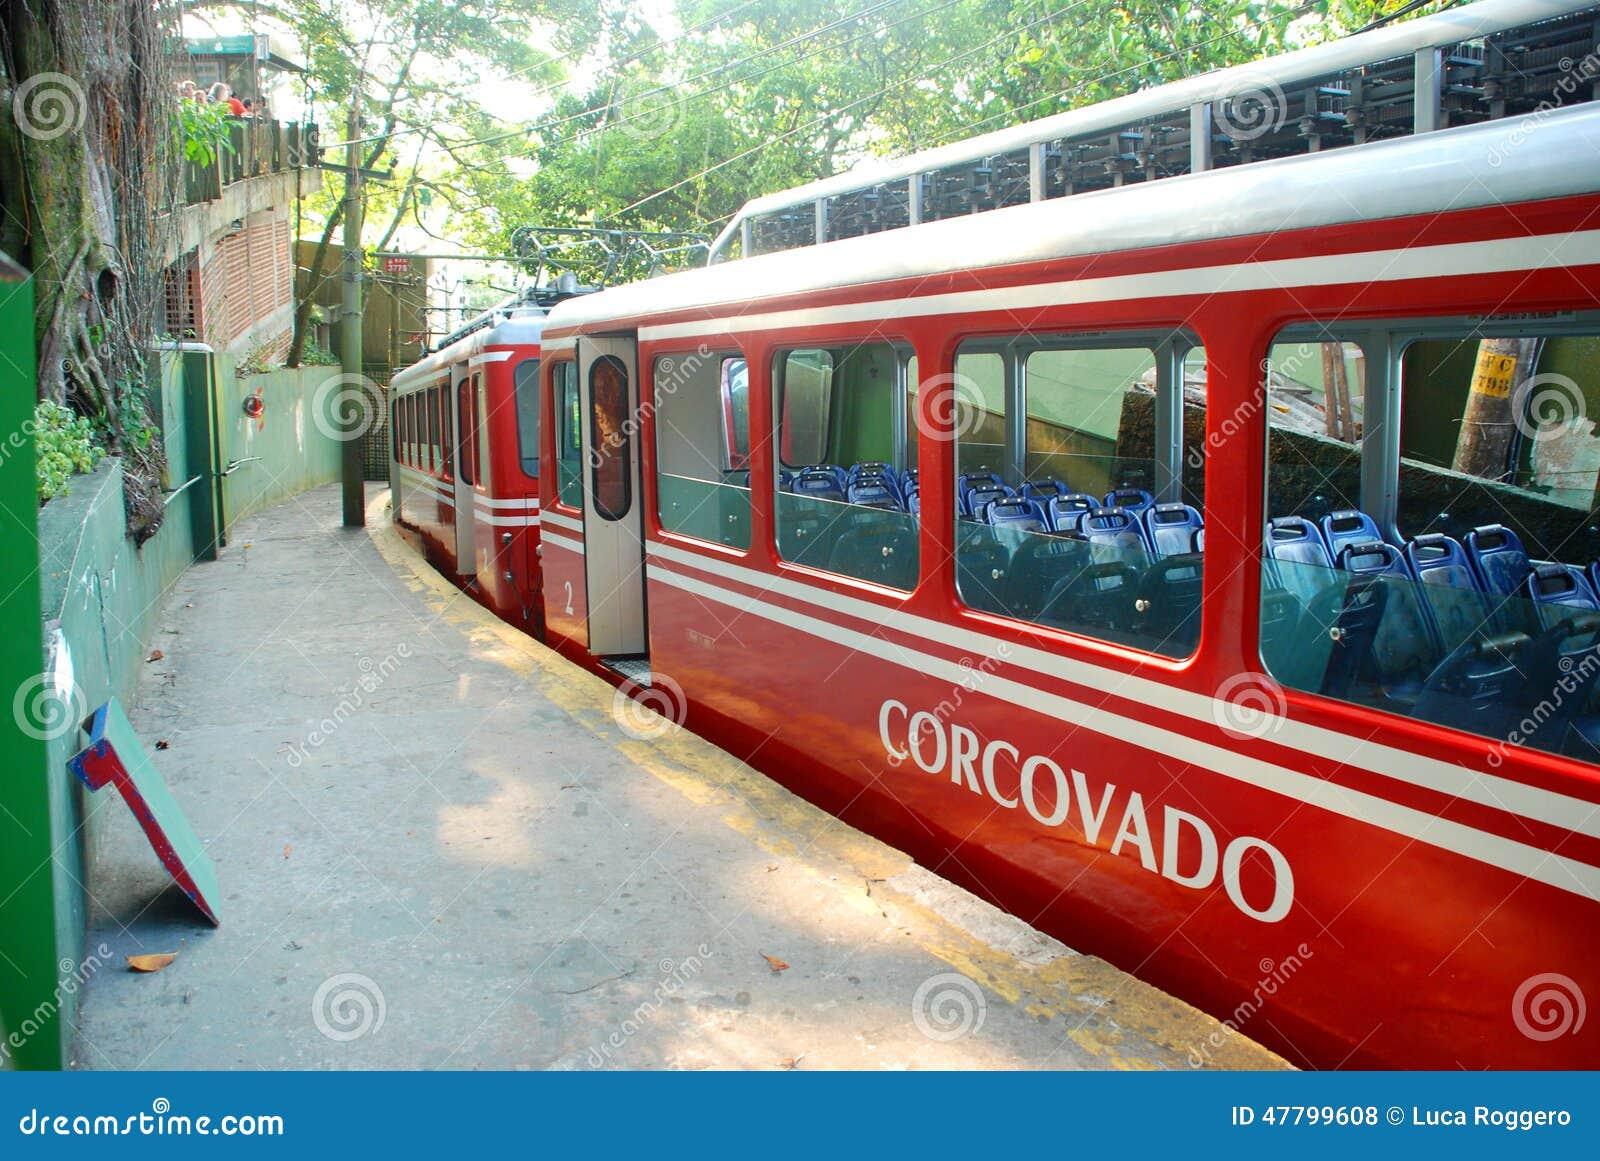 Corcovado pociąg Rio De Janeiro, Brazylia